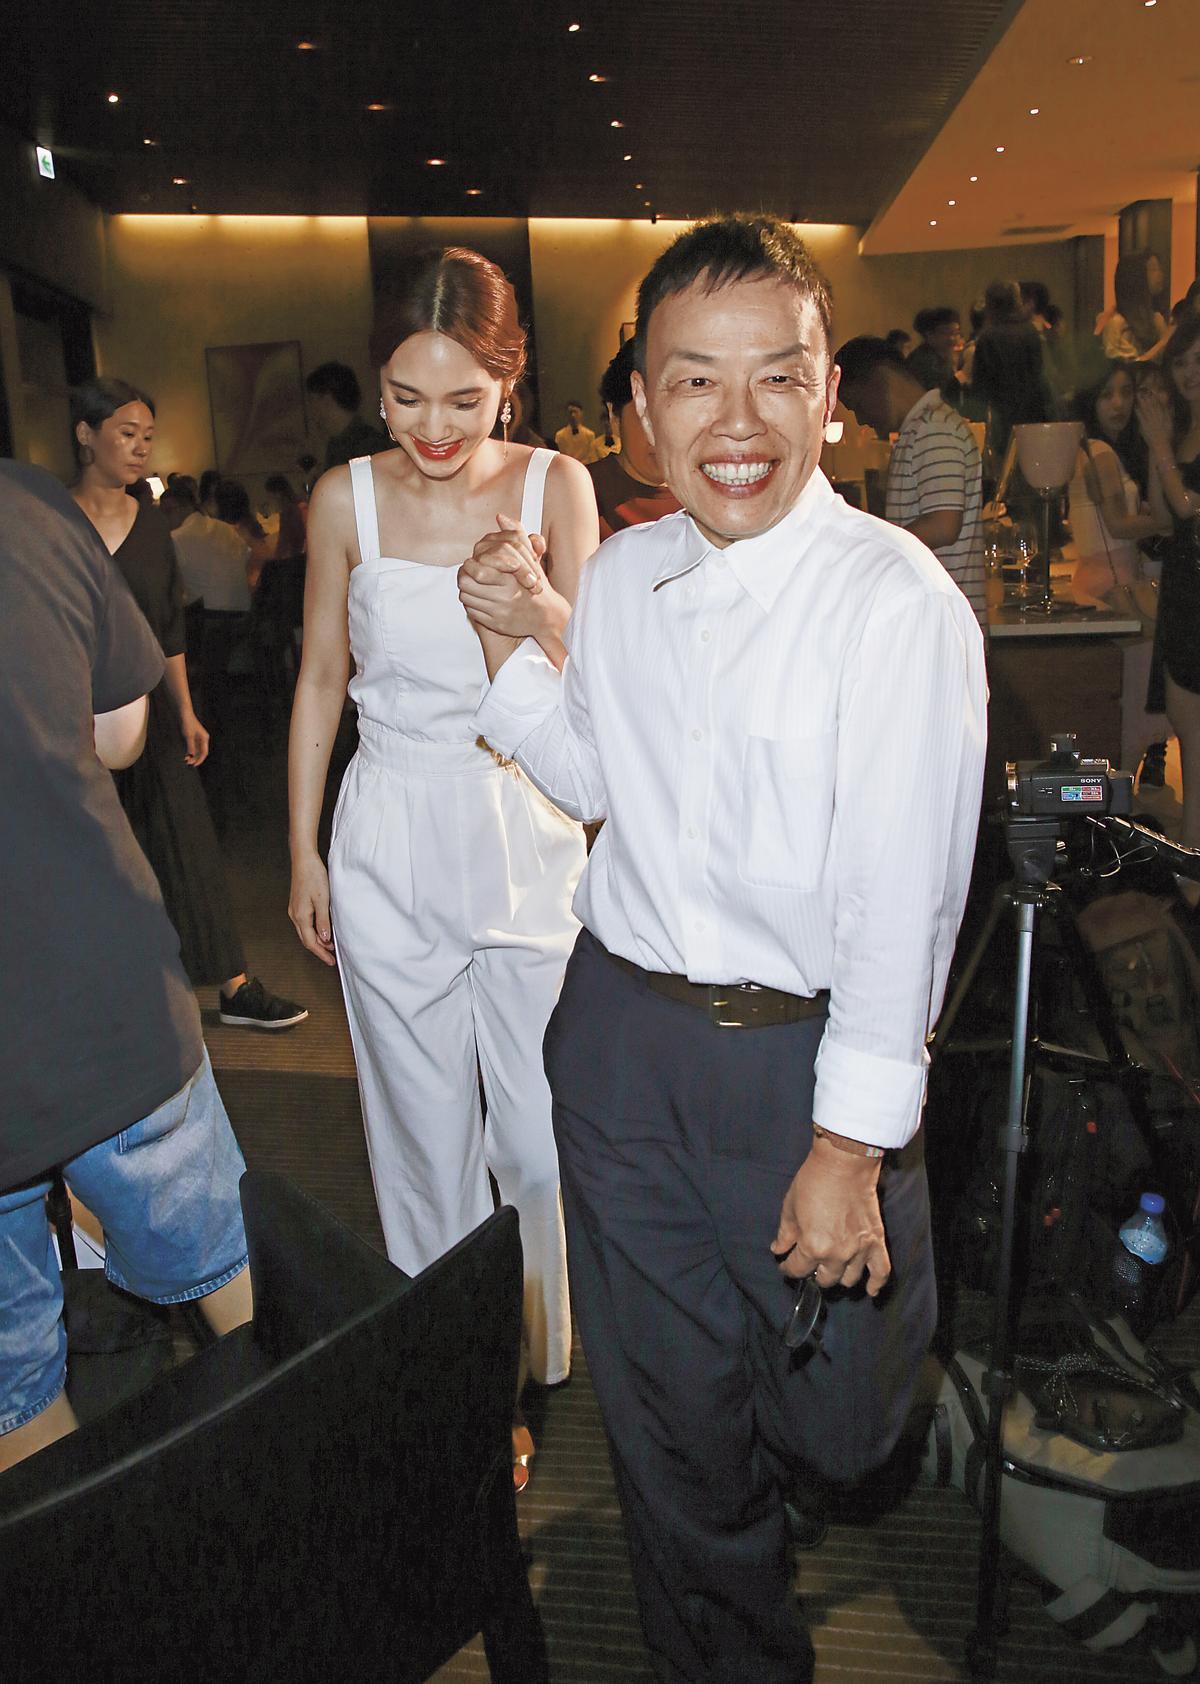 王小棣(右)與楊丞琳(左)在《荼靡》首度合作,他誇楊丞琳演技精湛,少有NG。